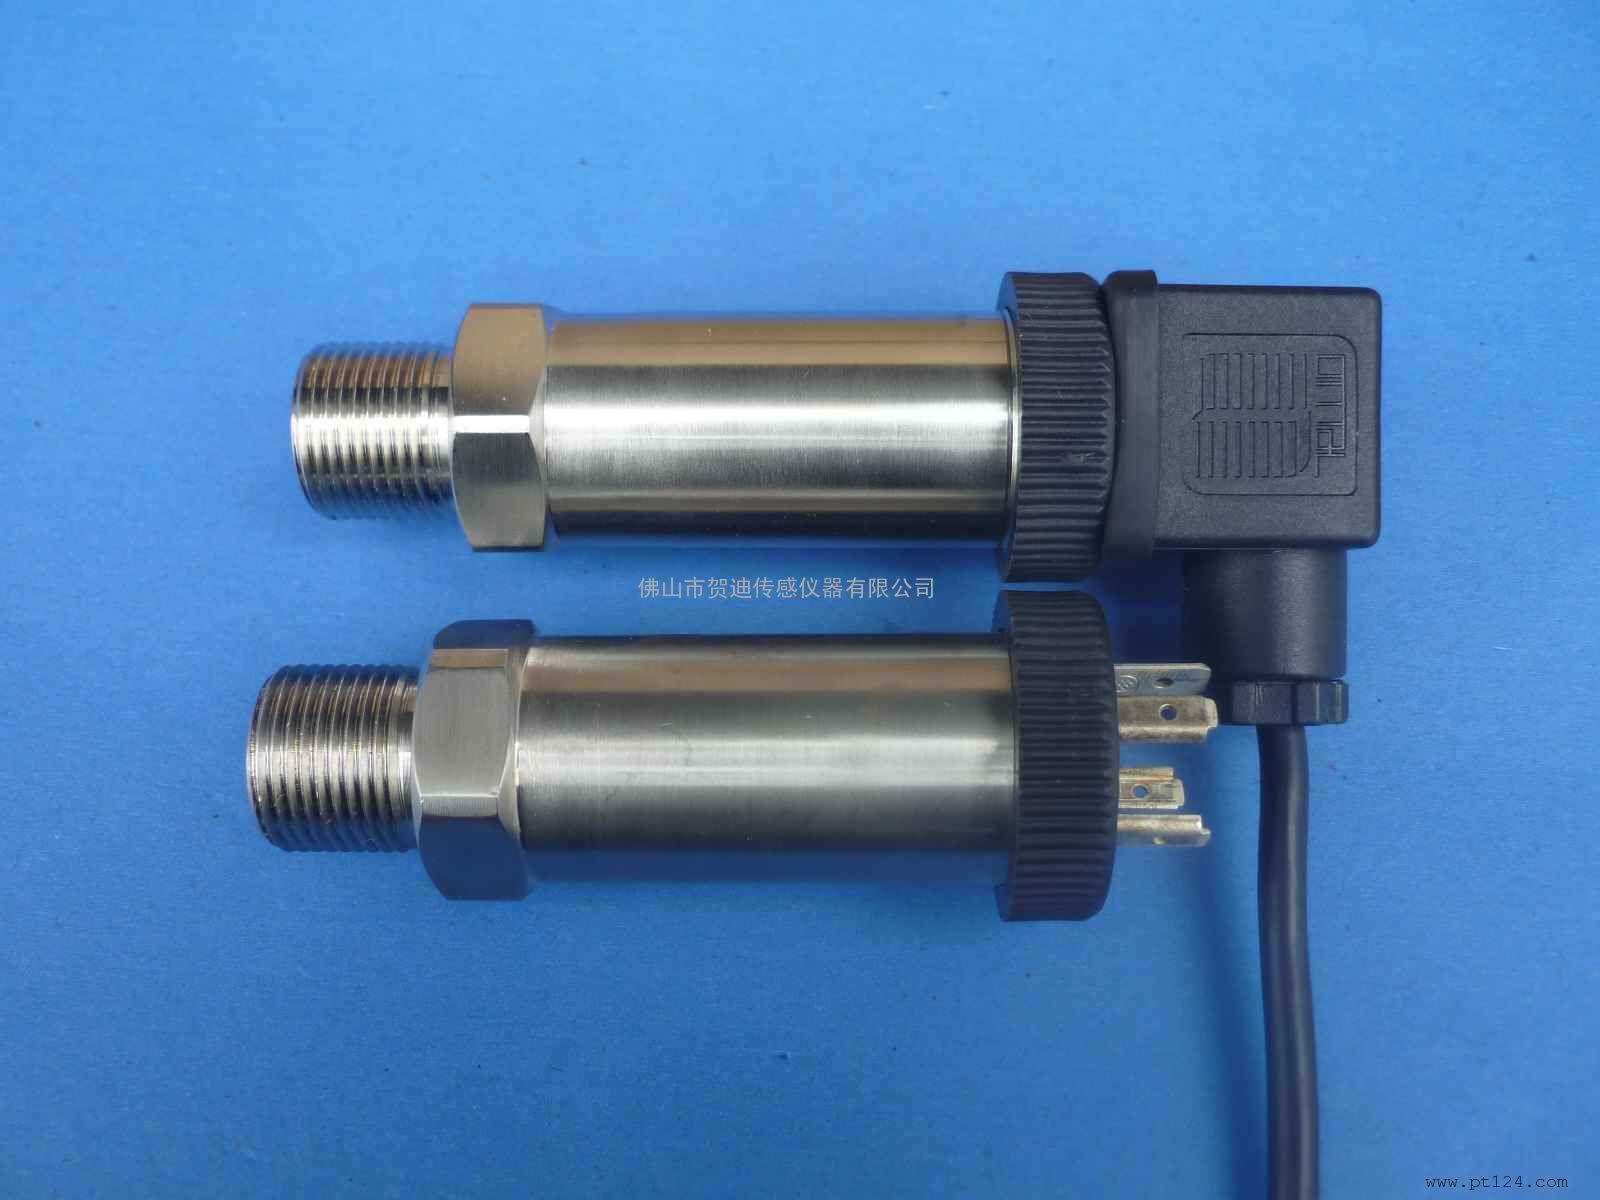 定制各种非标压力变送器,OEM压力变送器,品质卓越